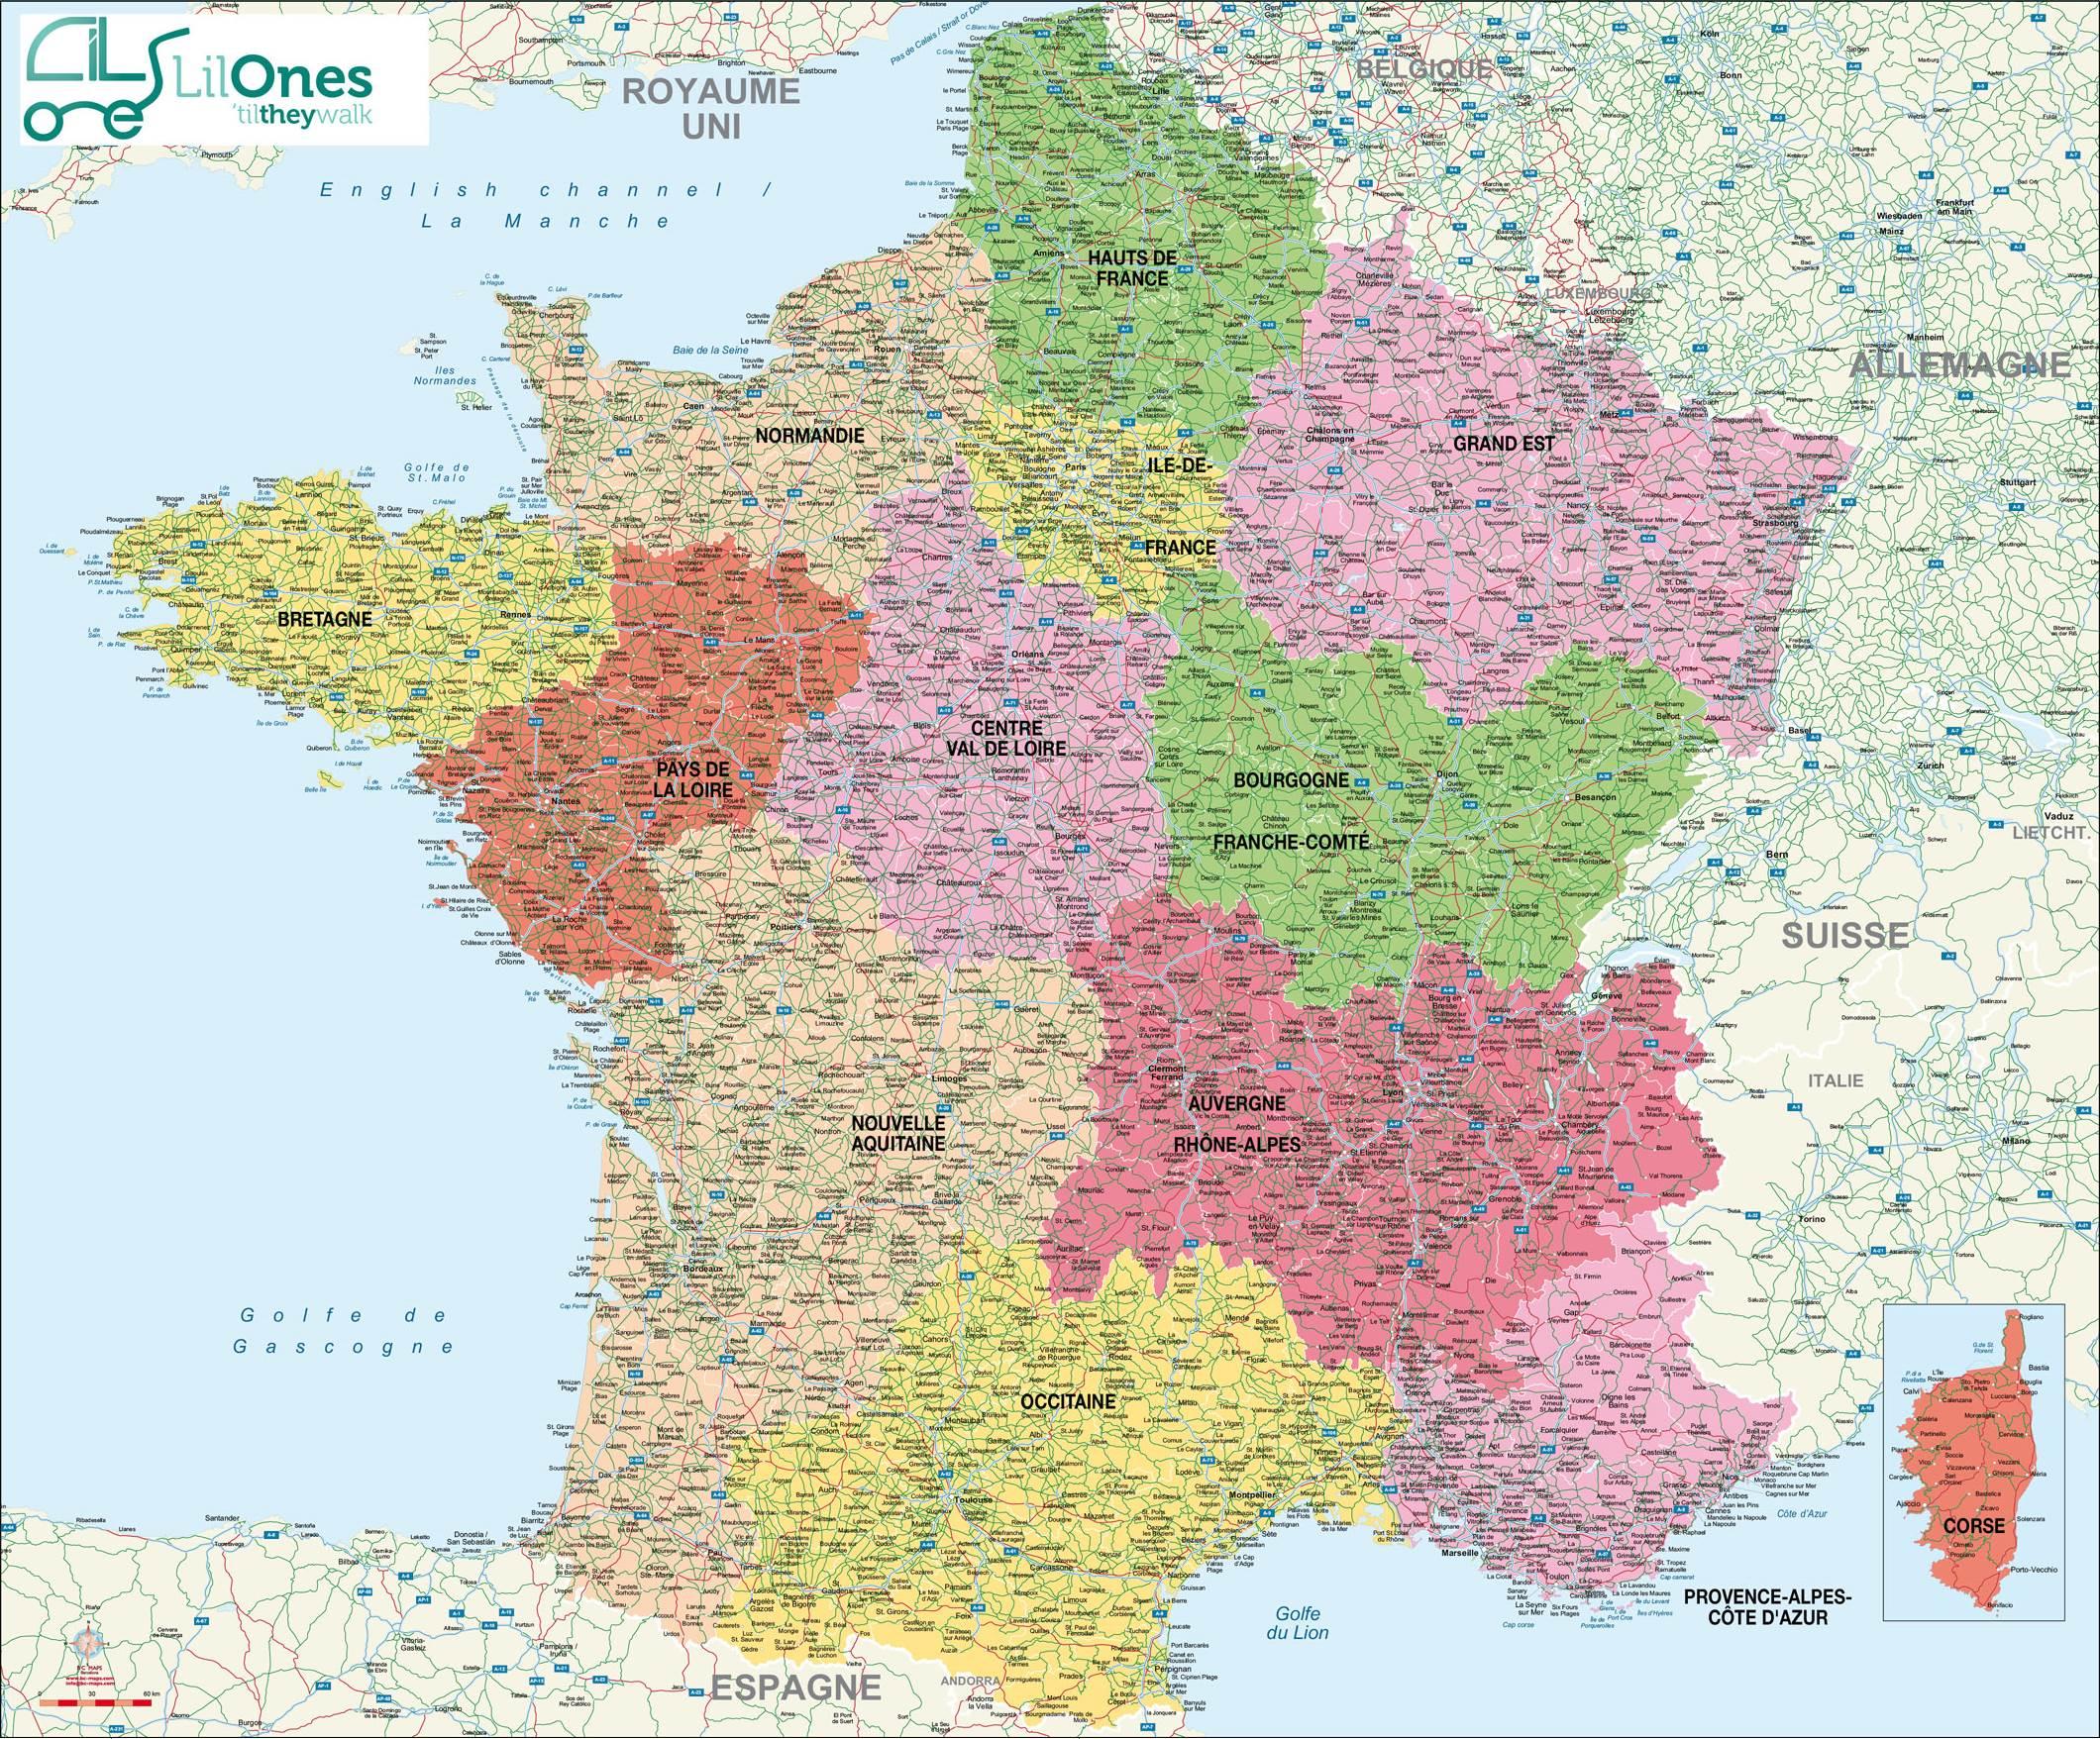 Cartes De France : Cartes Des Régions, Départements Et pour Carte De France Numéro Département